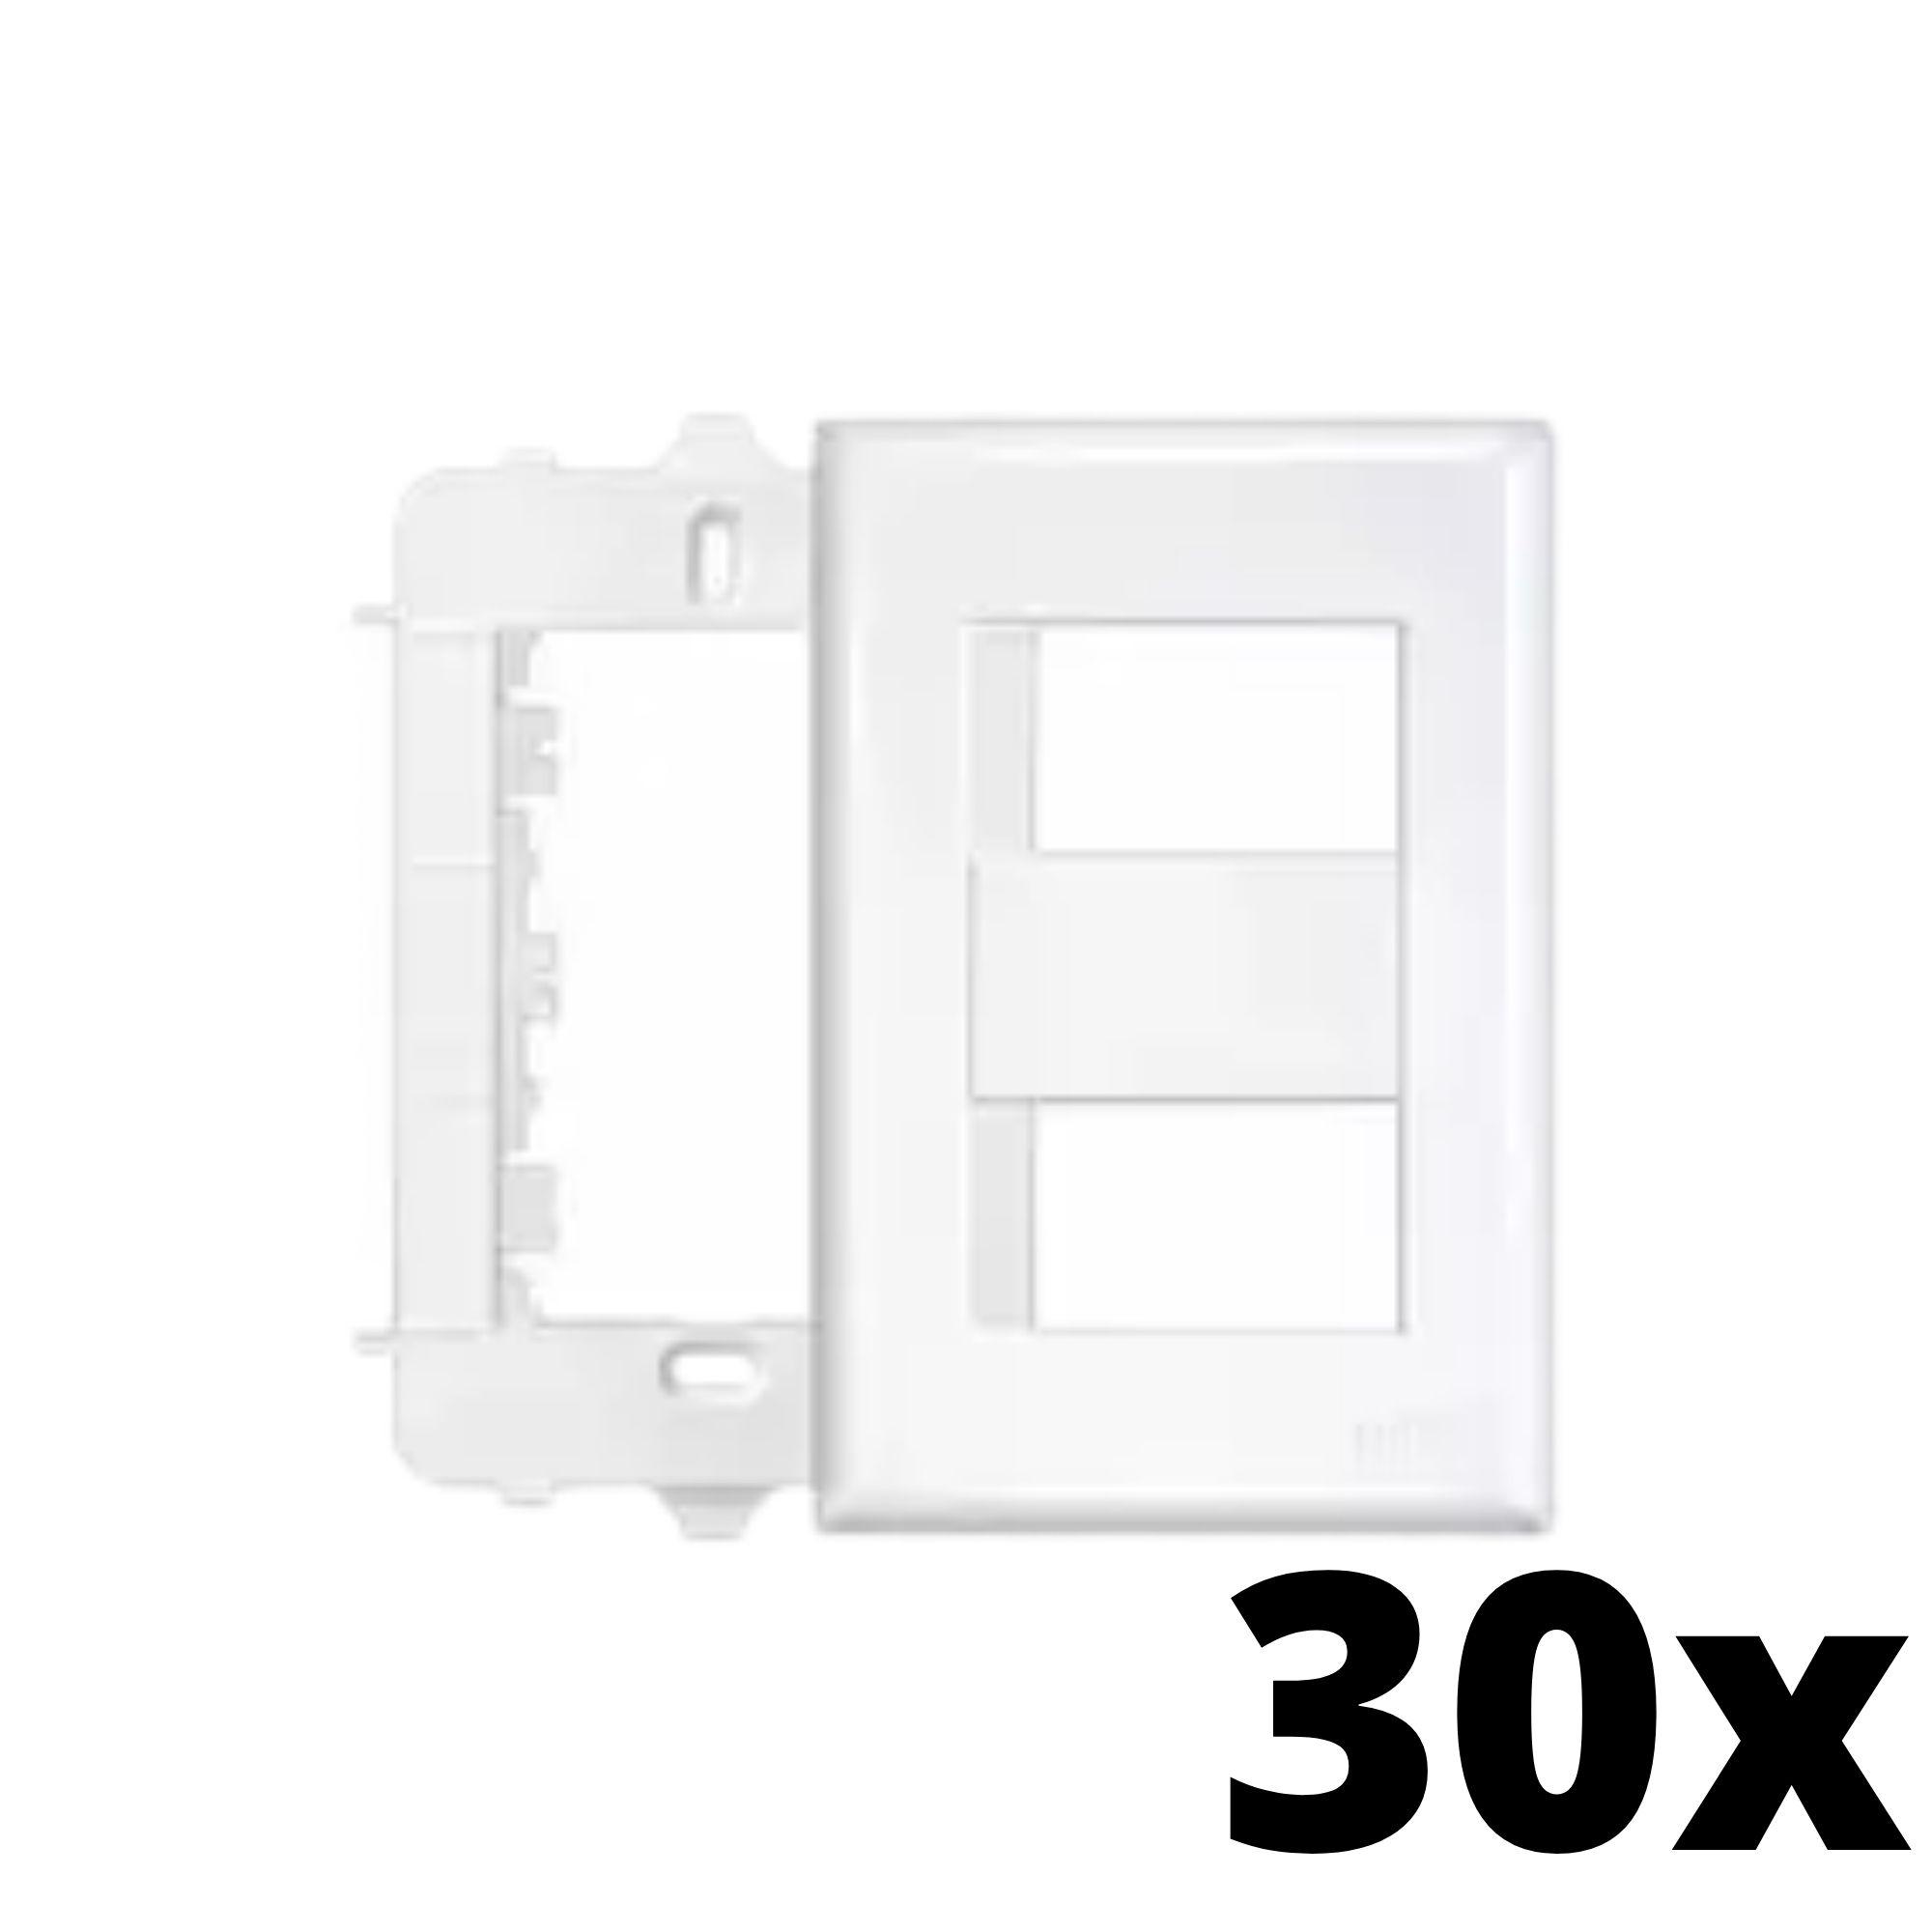 Kit 30 und Evidence Placa 4x2 2 Seções Distanciadas